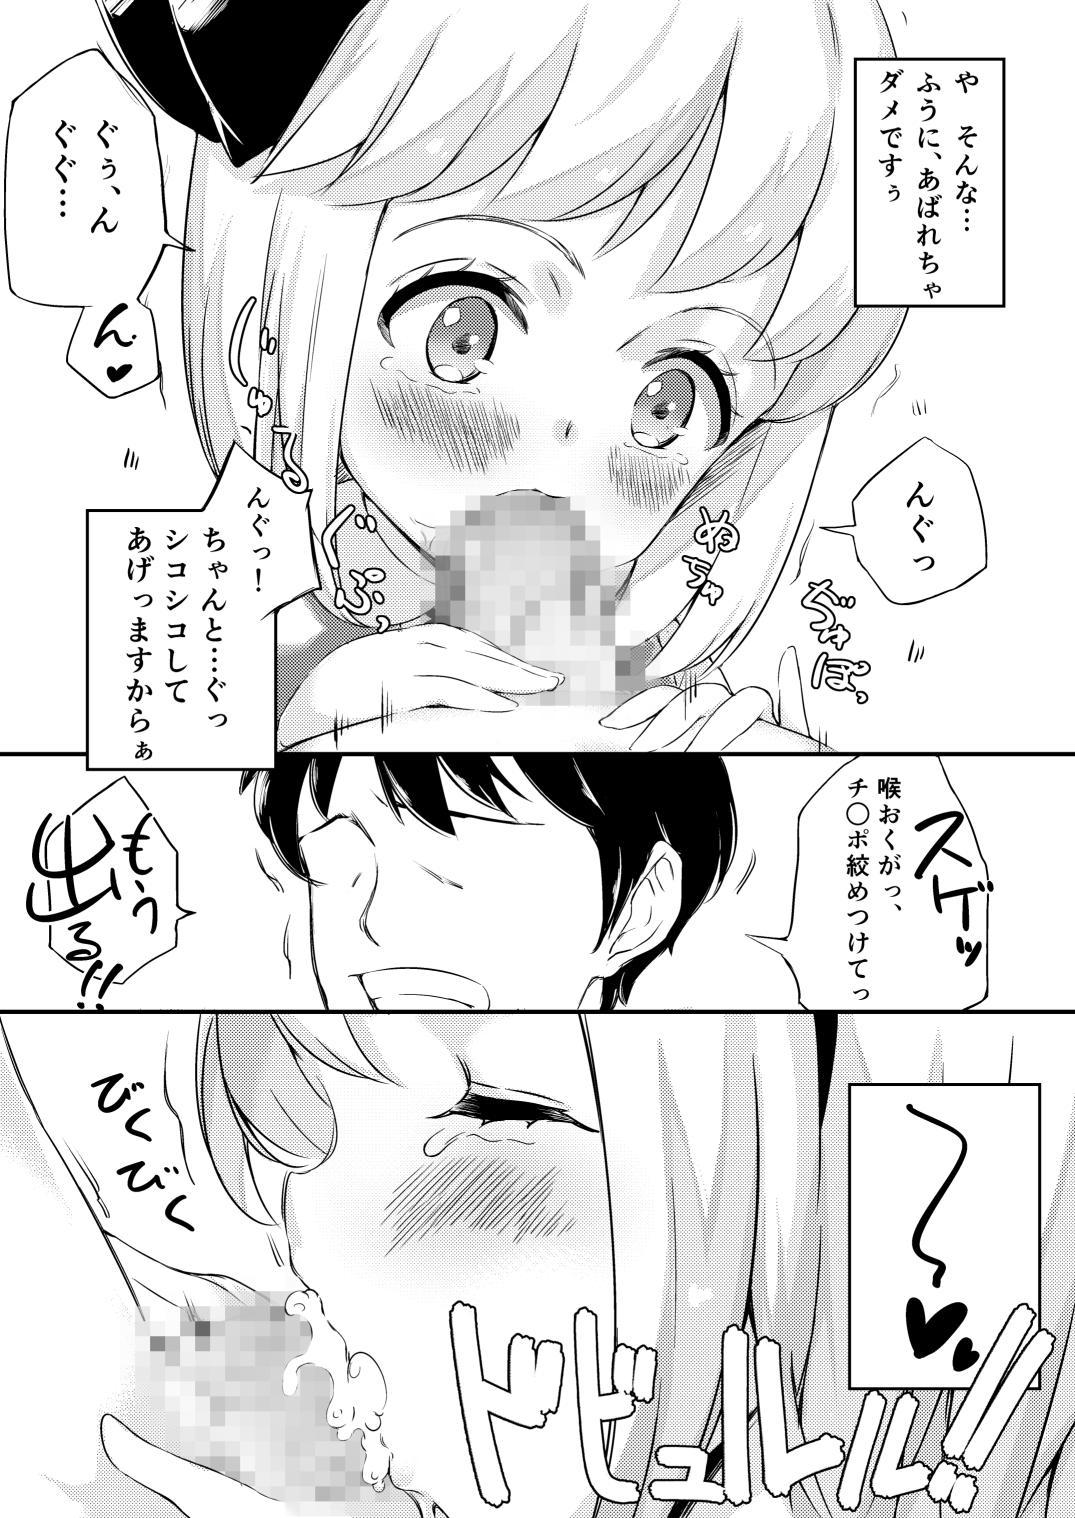 Iede Shita Niwashi no Musume ga Omoinohoka Erokatta Hanashi 5